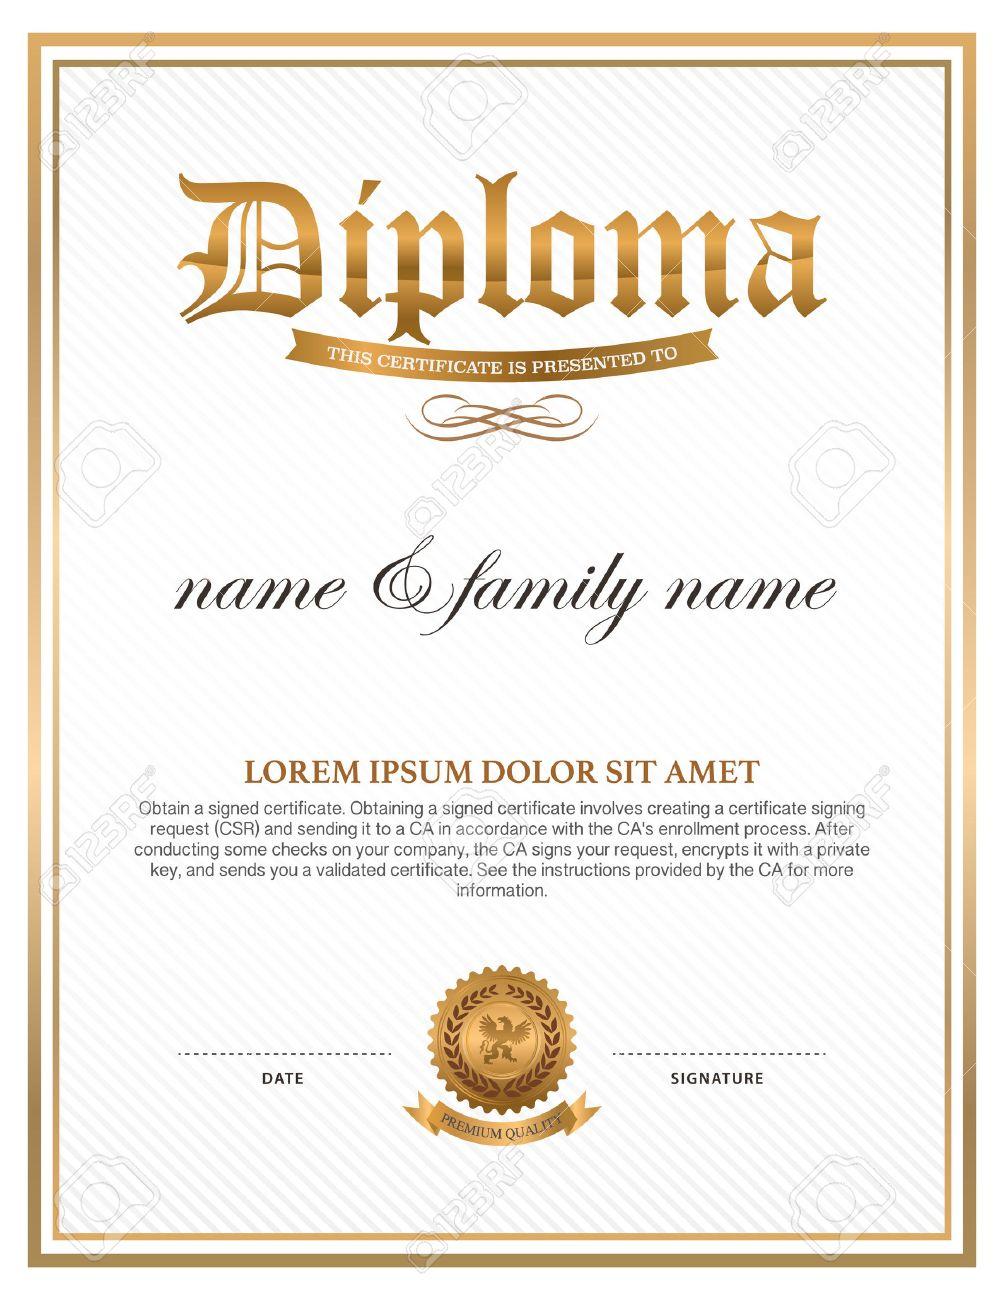 Diploma, Diseño De La Plantilla De Certificado Ilustraciones ...